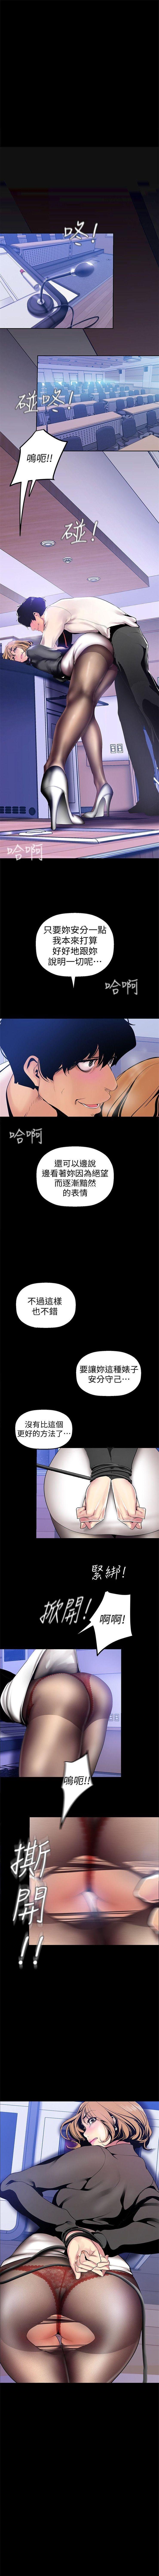 (週1)美麗新世界 1-70 中文翻譯 (更新中) 288